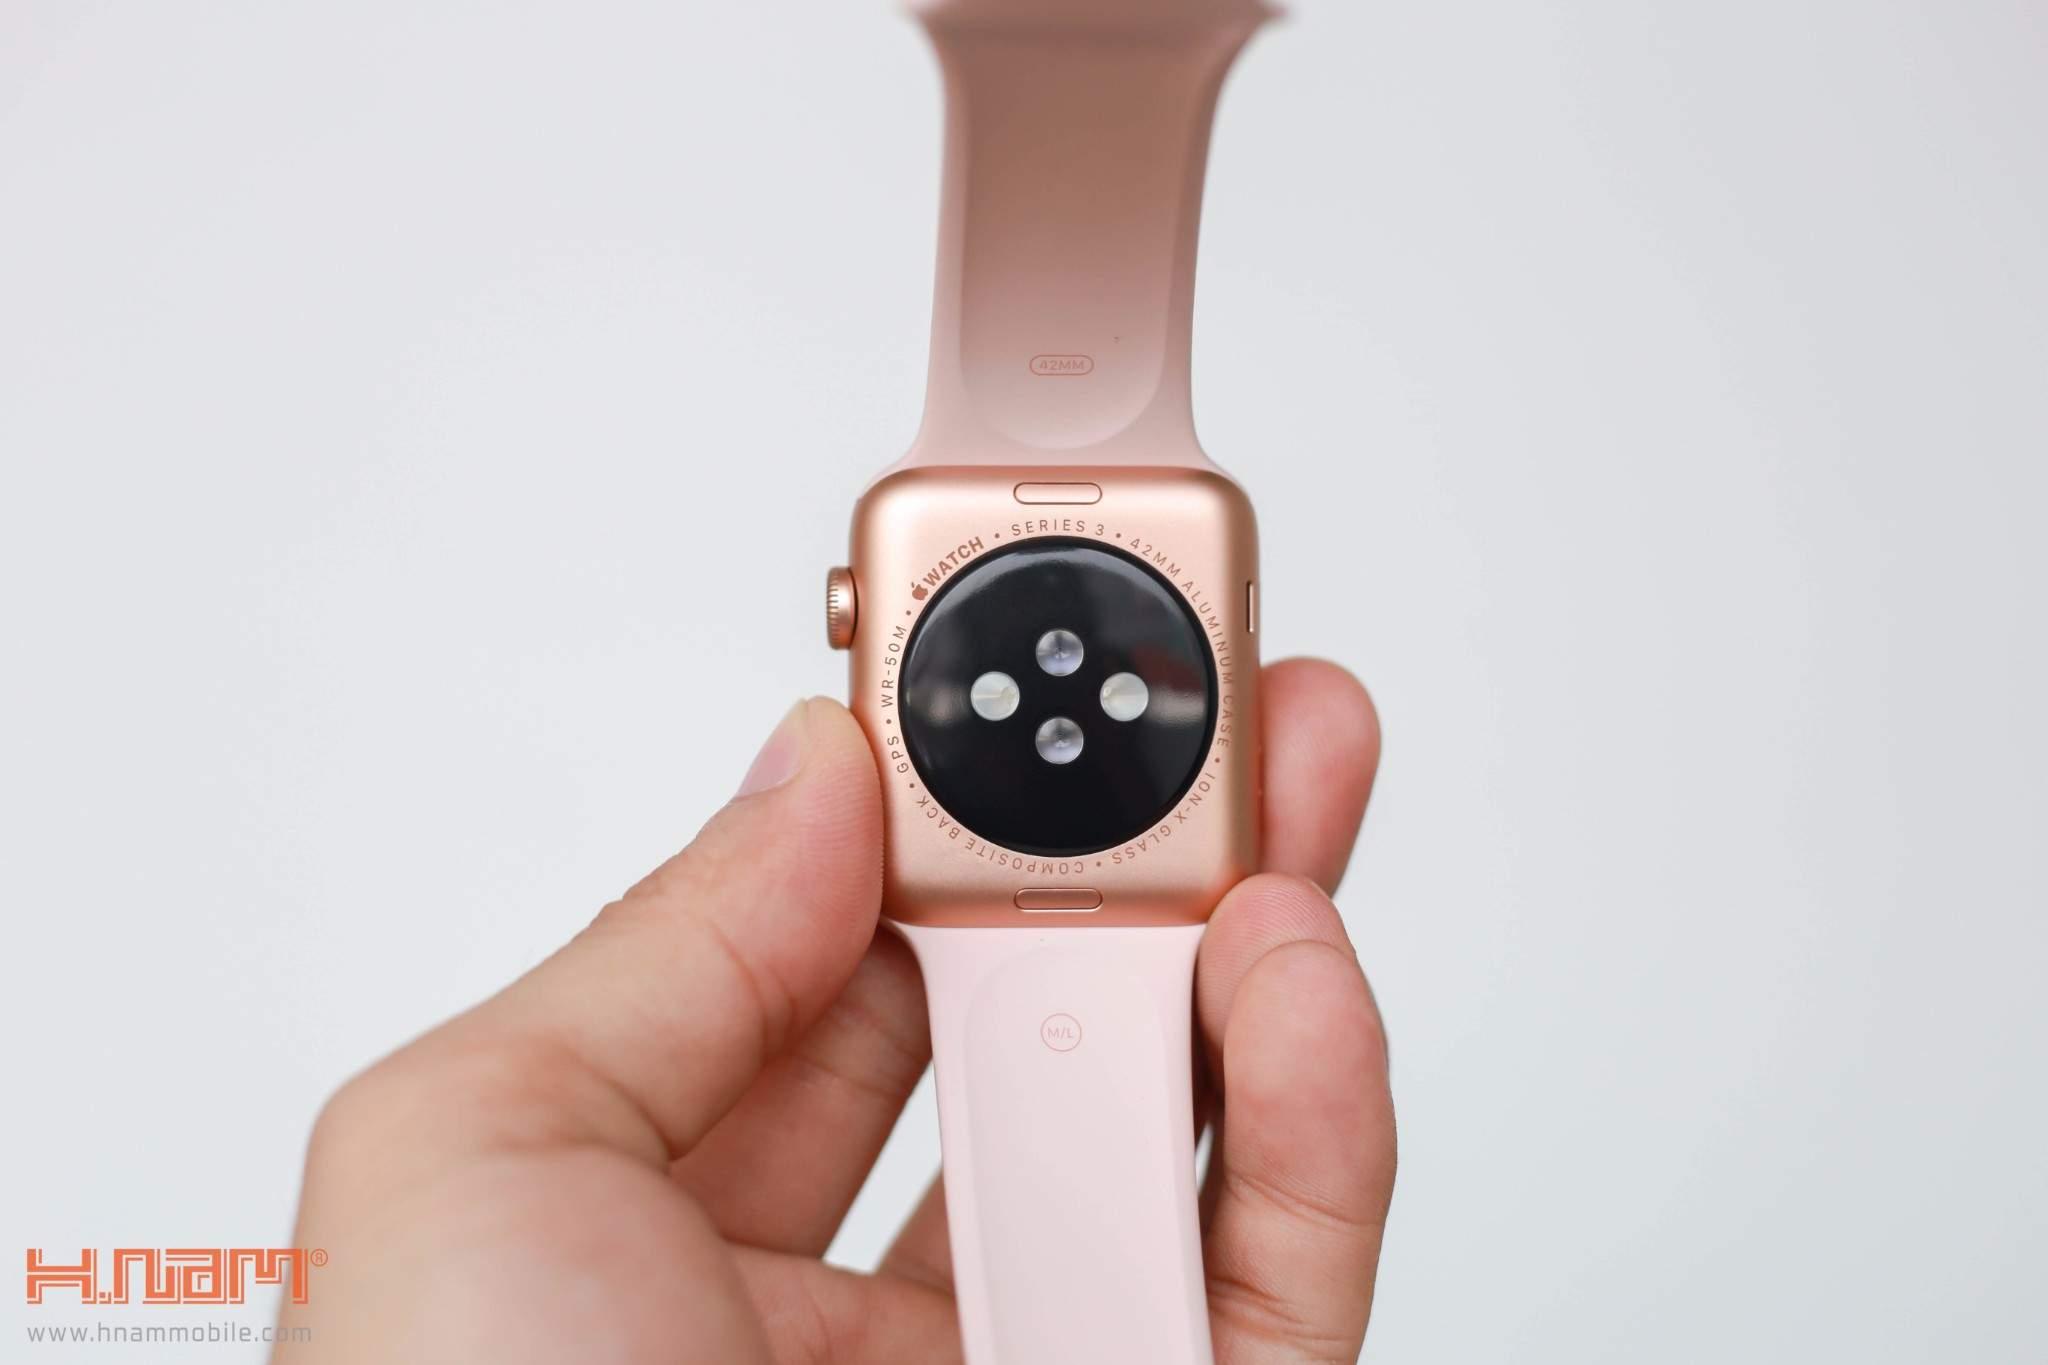 Apple Watch Series 3 Cellular 42mm Gray Aluminum Case- MQK22 ( Trôi bảo hành , chưa Active) hình sản phẩm 1